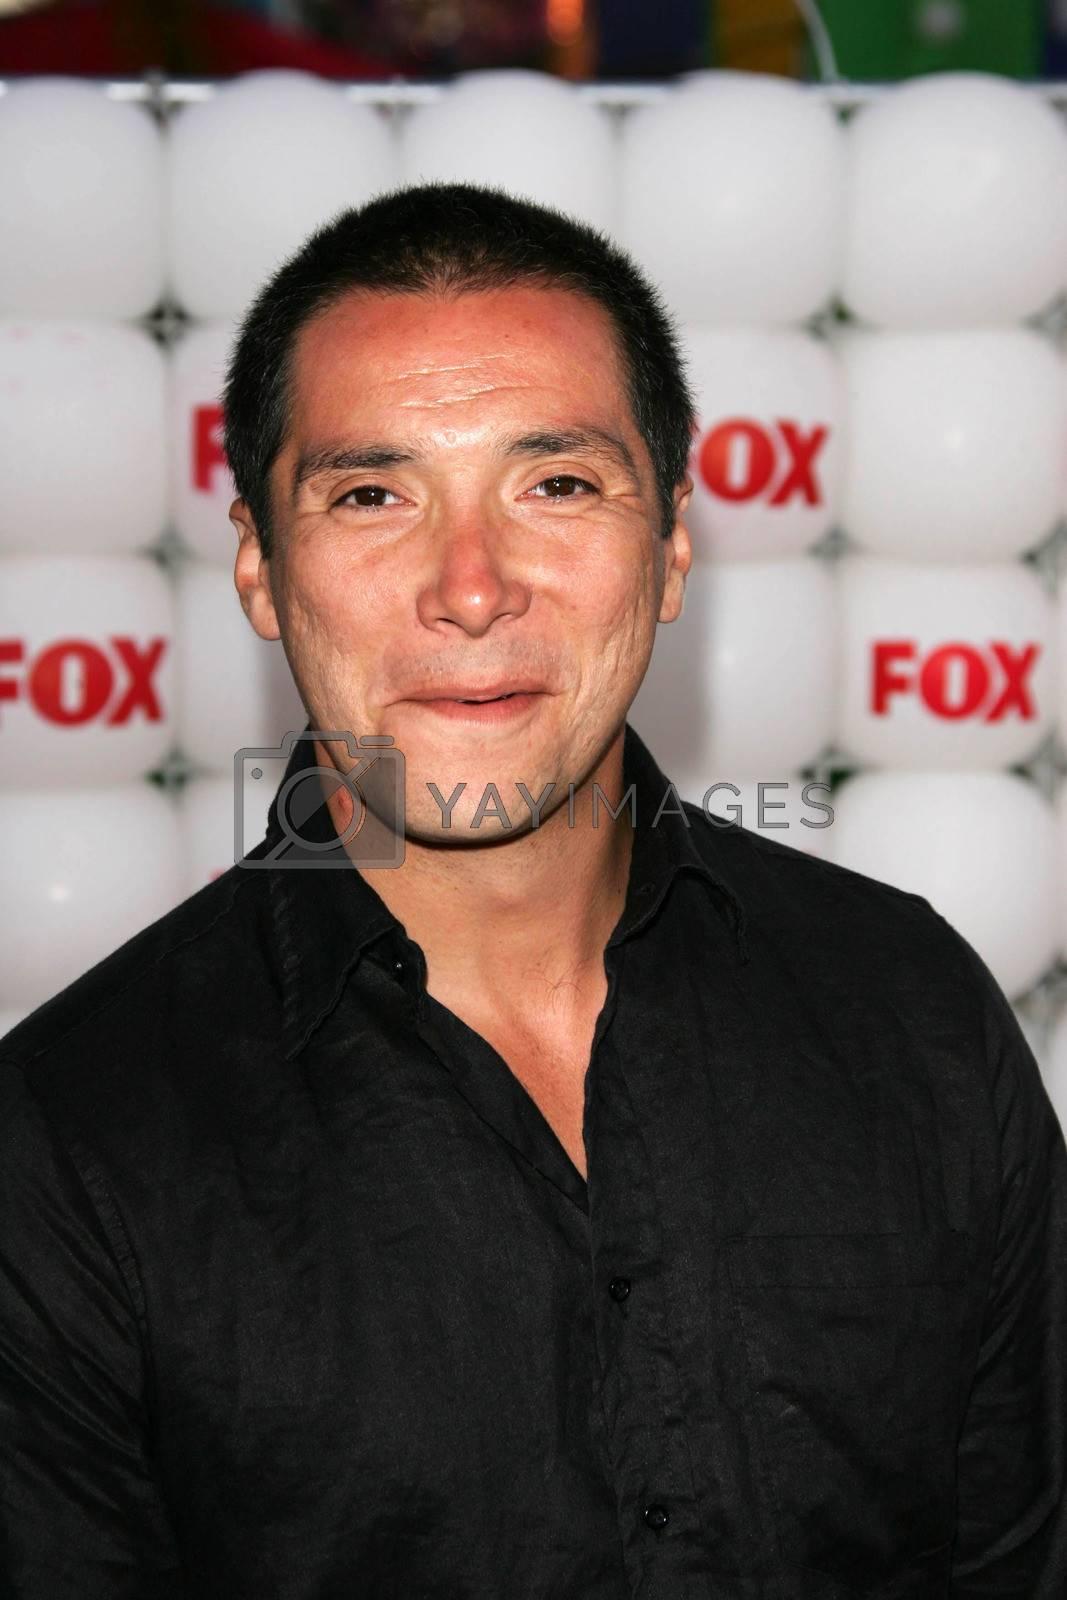 Benito Martinez At the FOX Summer 2005 TCA Party, Santa Monica Pier, Santa Monica, CA 07-29-05